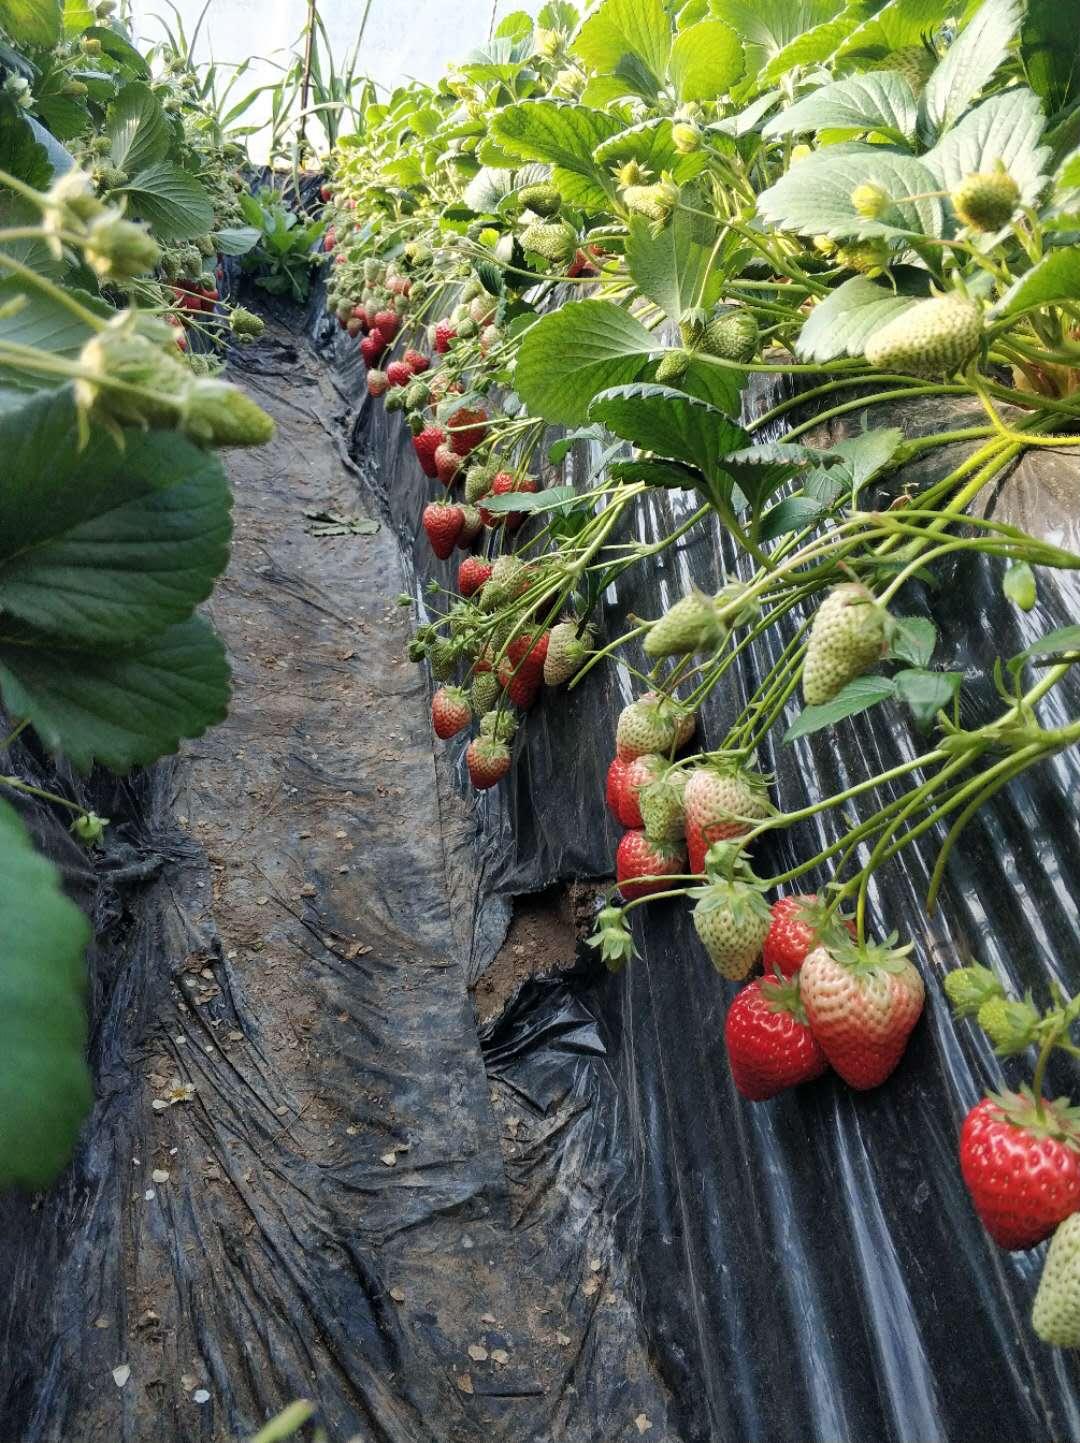 「蓝冠」京农产品供应信息平台助农户销售蔬果40蓝冠图片